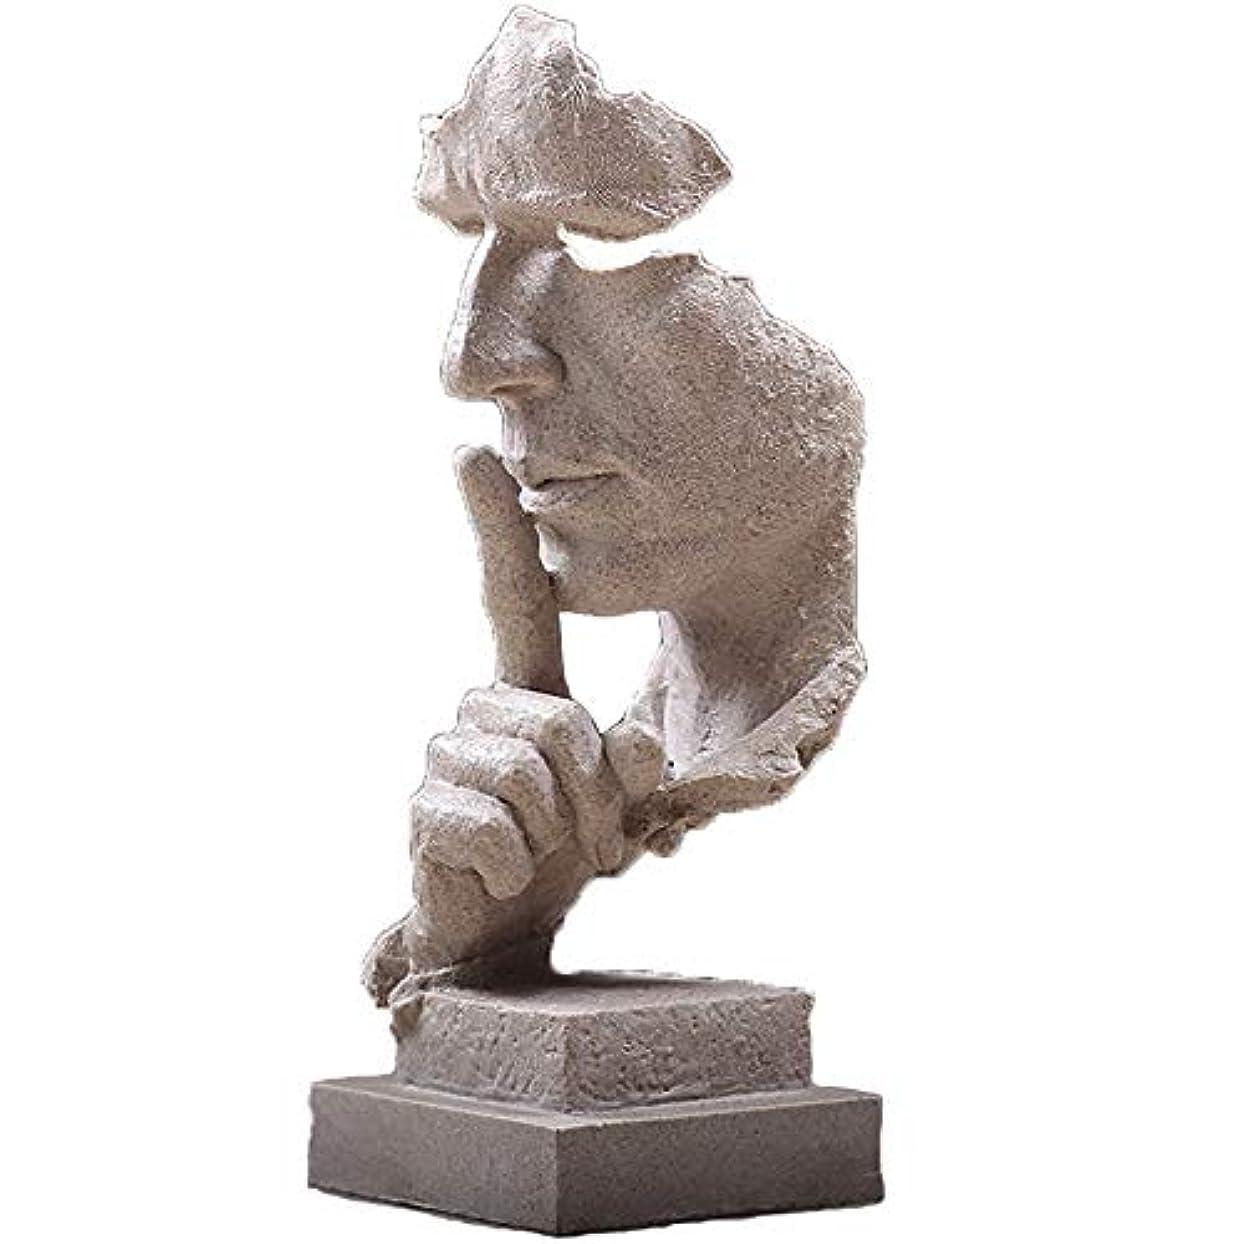 論理的存在するストライド樹脂抽象彫刻沈黙はゴールデン男性像キャラクター工芸品装飾用オフィスリビングルームアートワーク,White